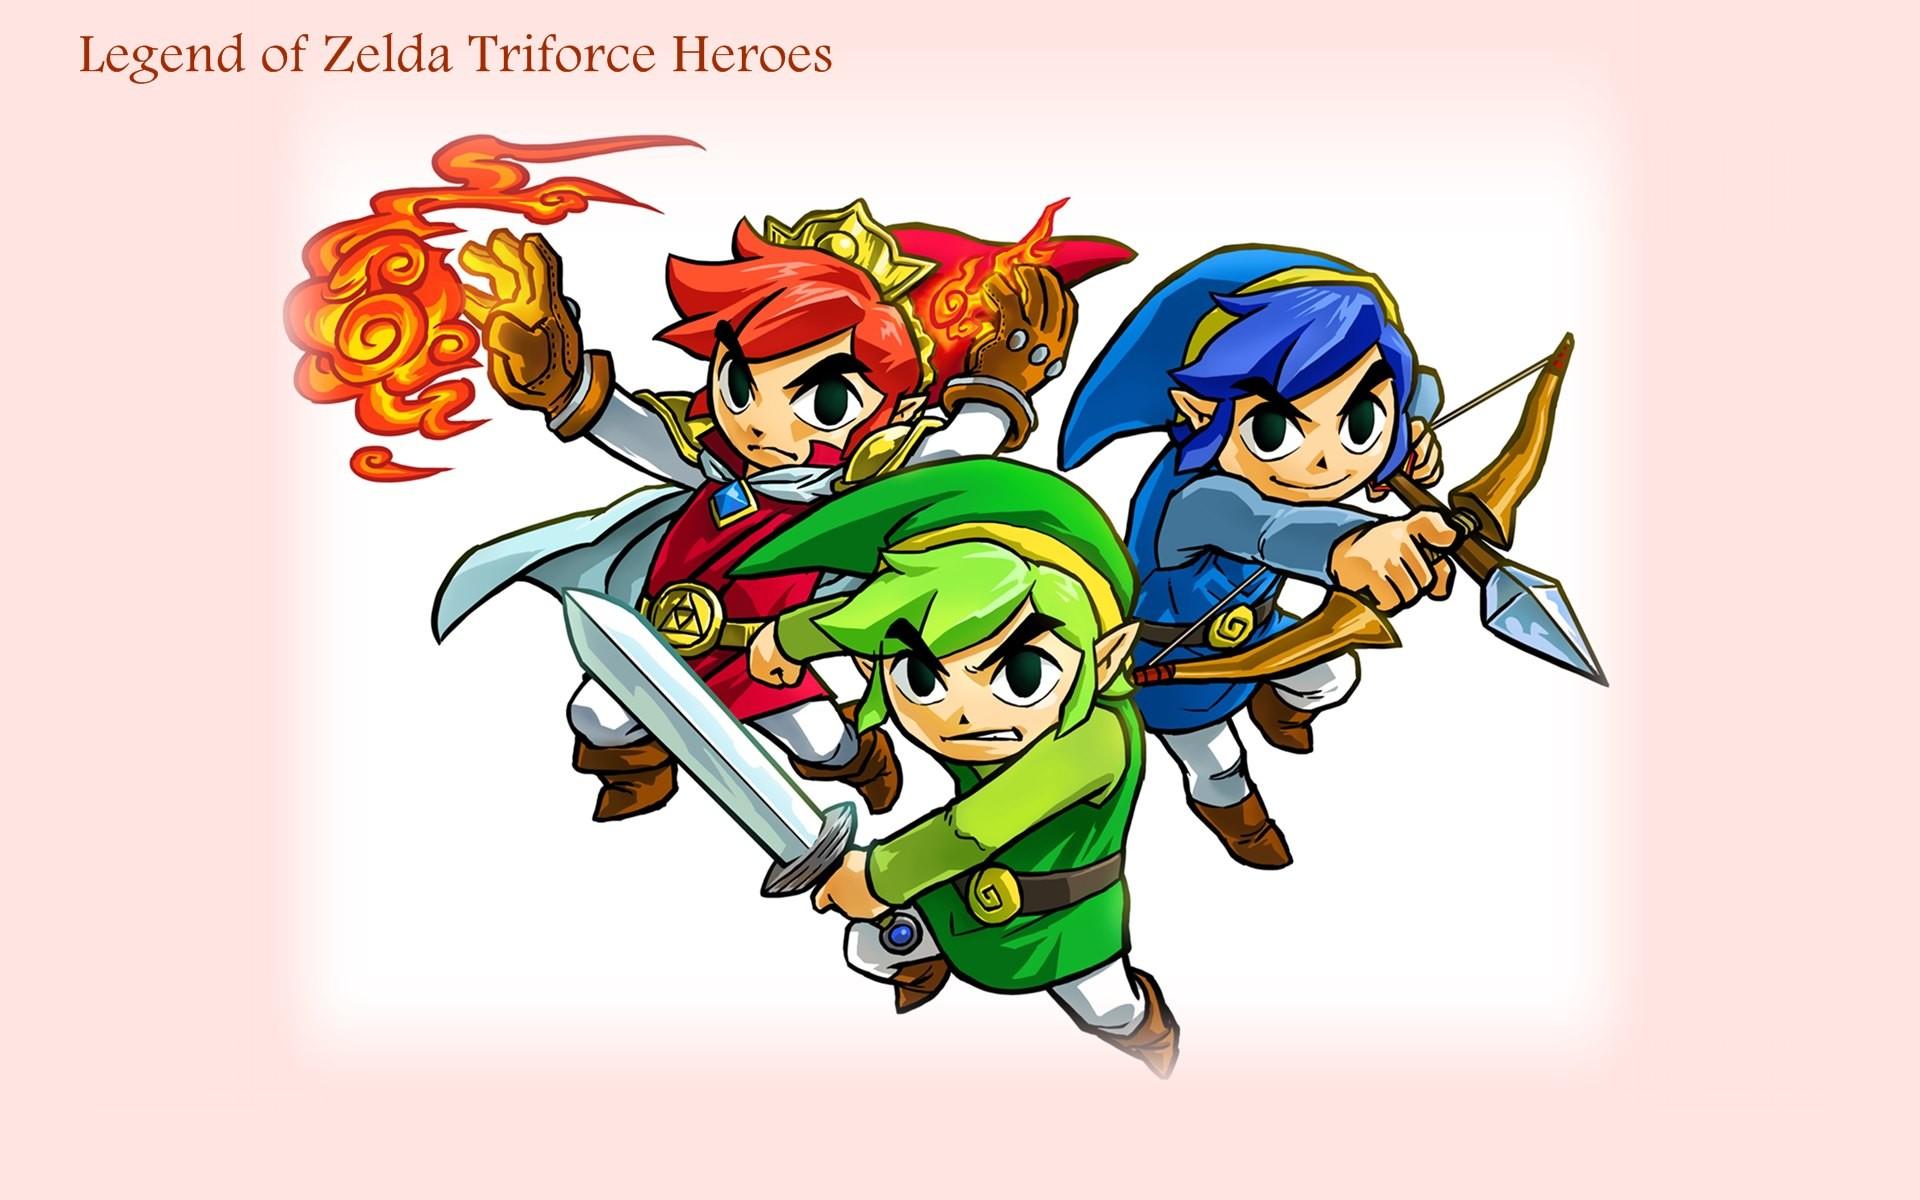 … Legend Of Zelda Triforce Heroes Game 2015 HD Wallpaper #04293